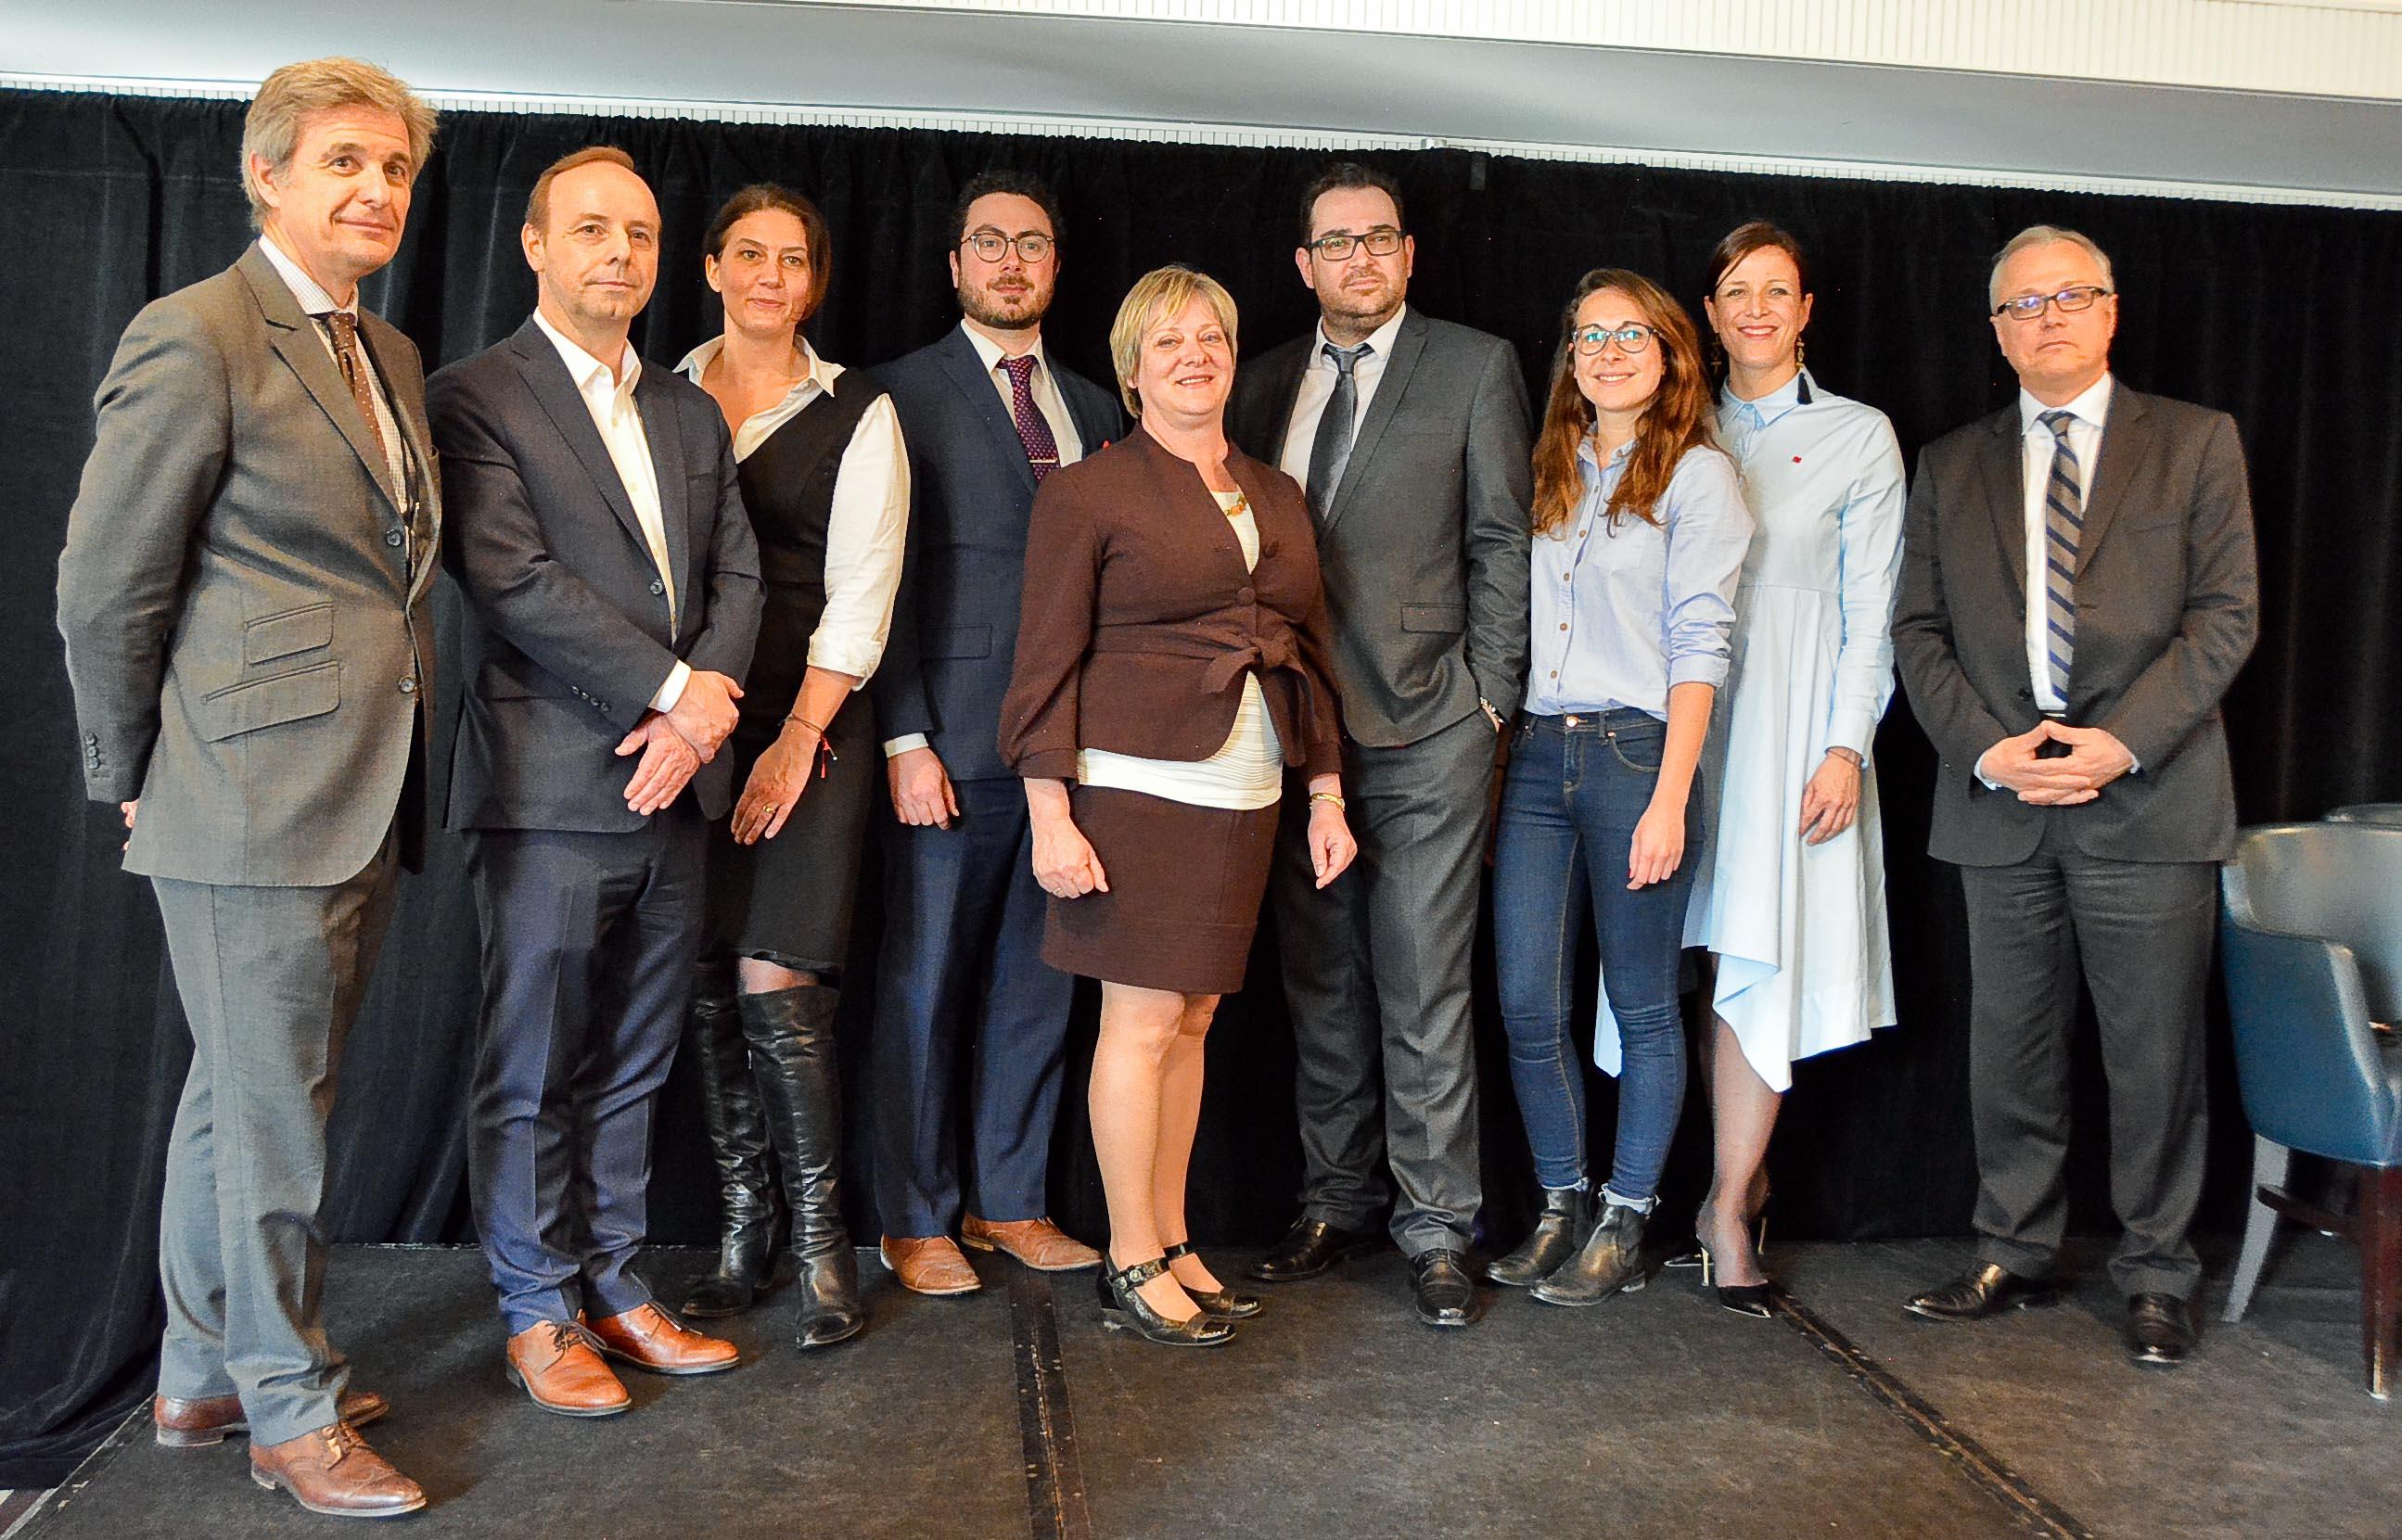 Une 5e Convention d'affaires Canada France sous le thème de l'industrie 4.0